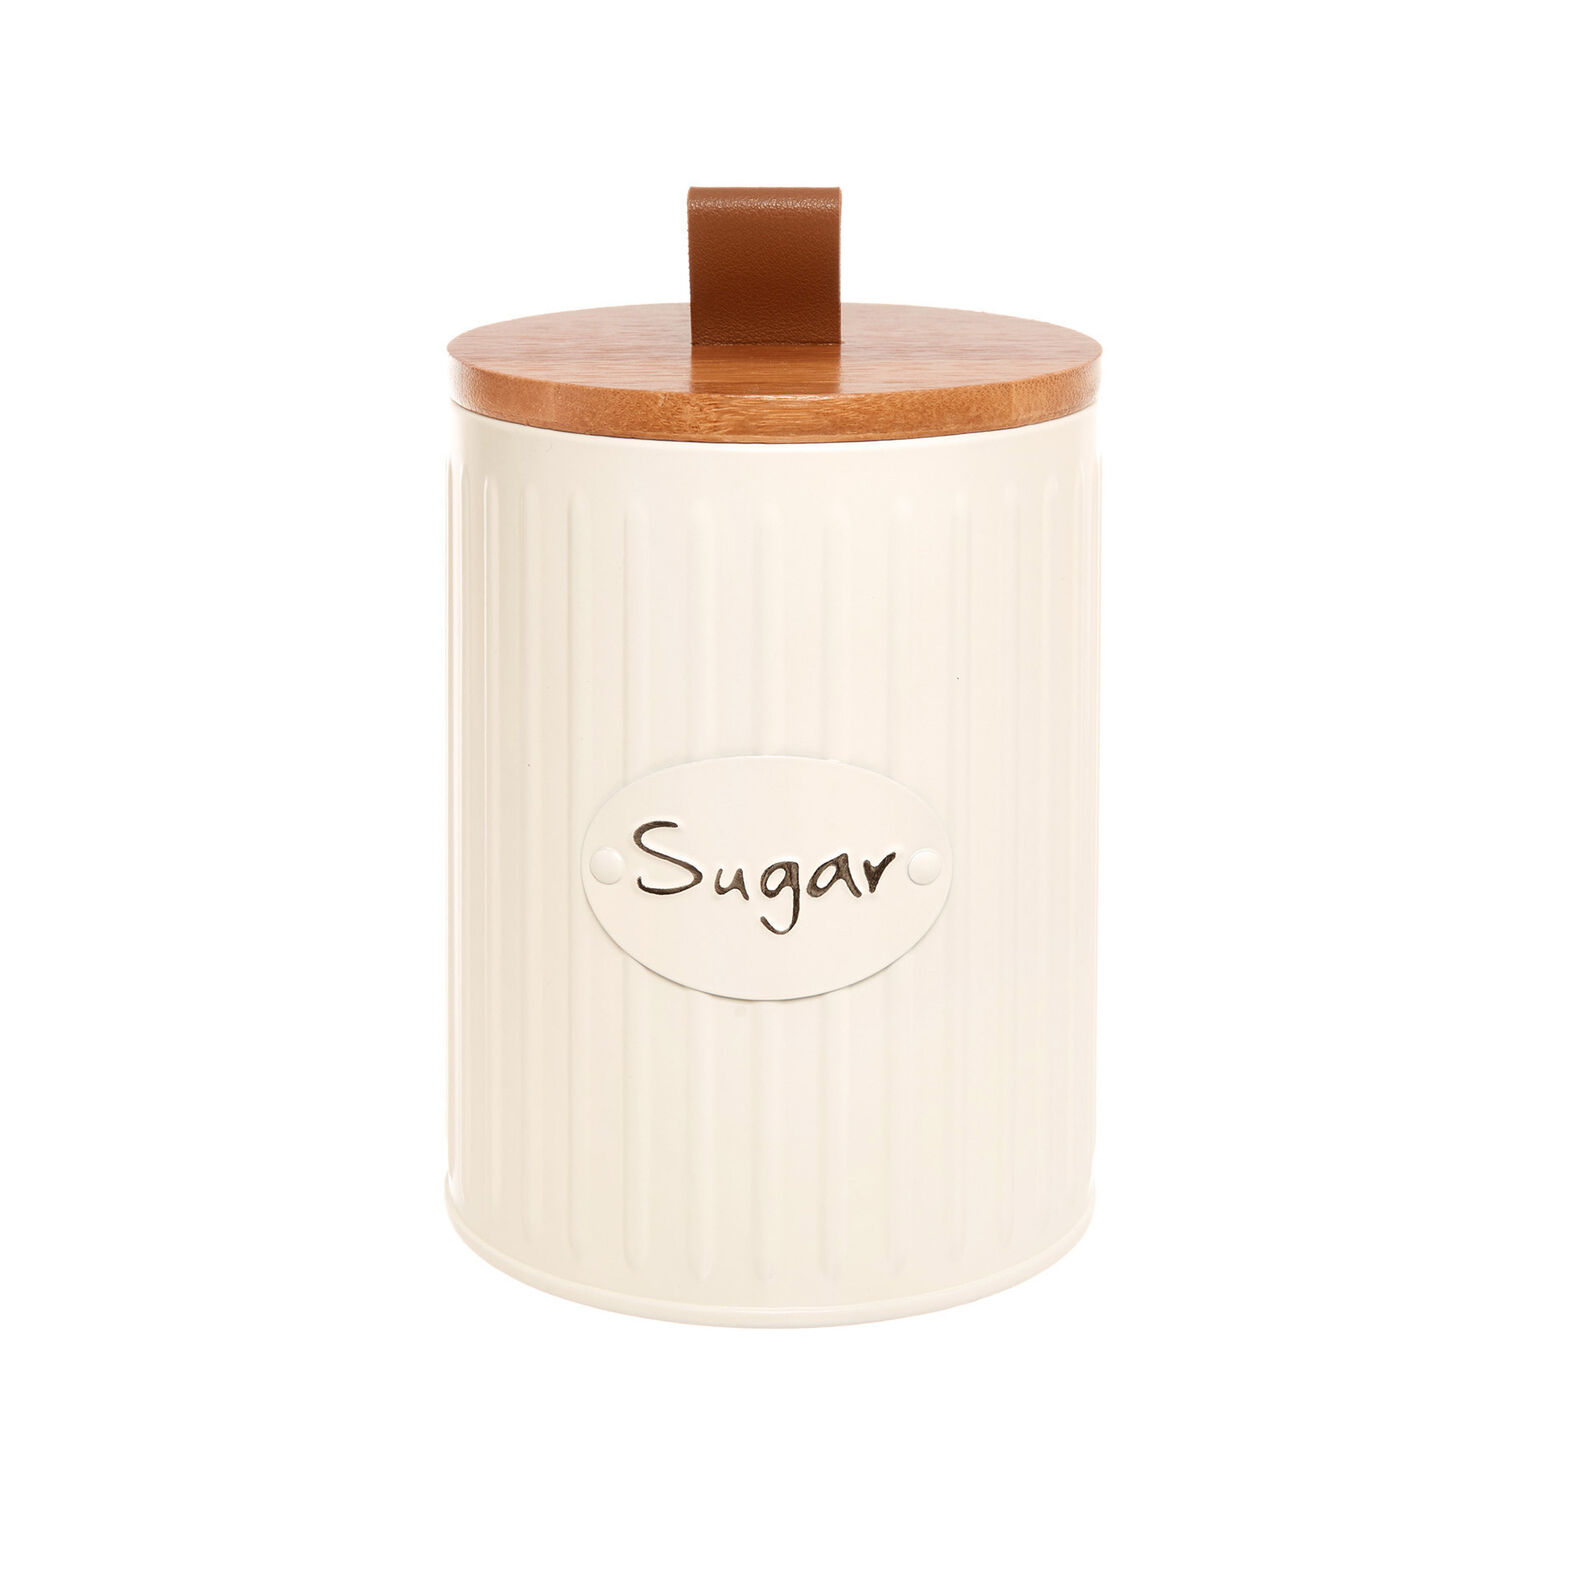 Enamelled metal Sugar tin